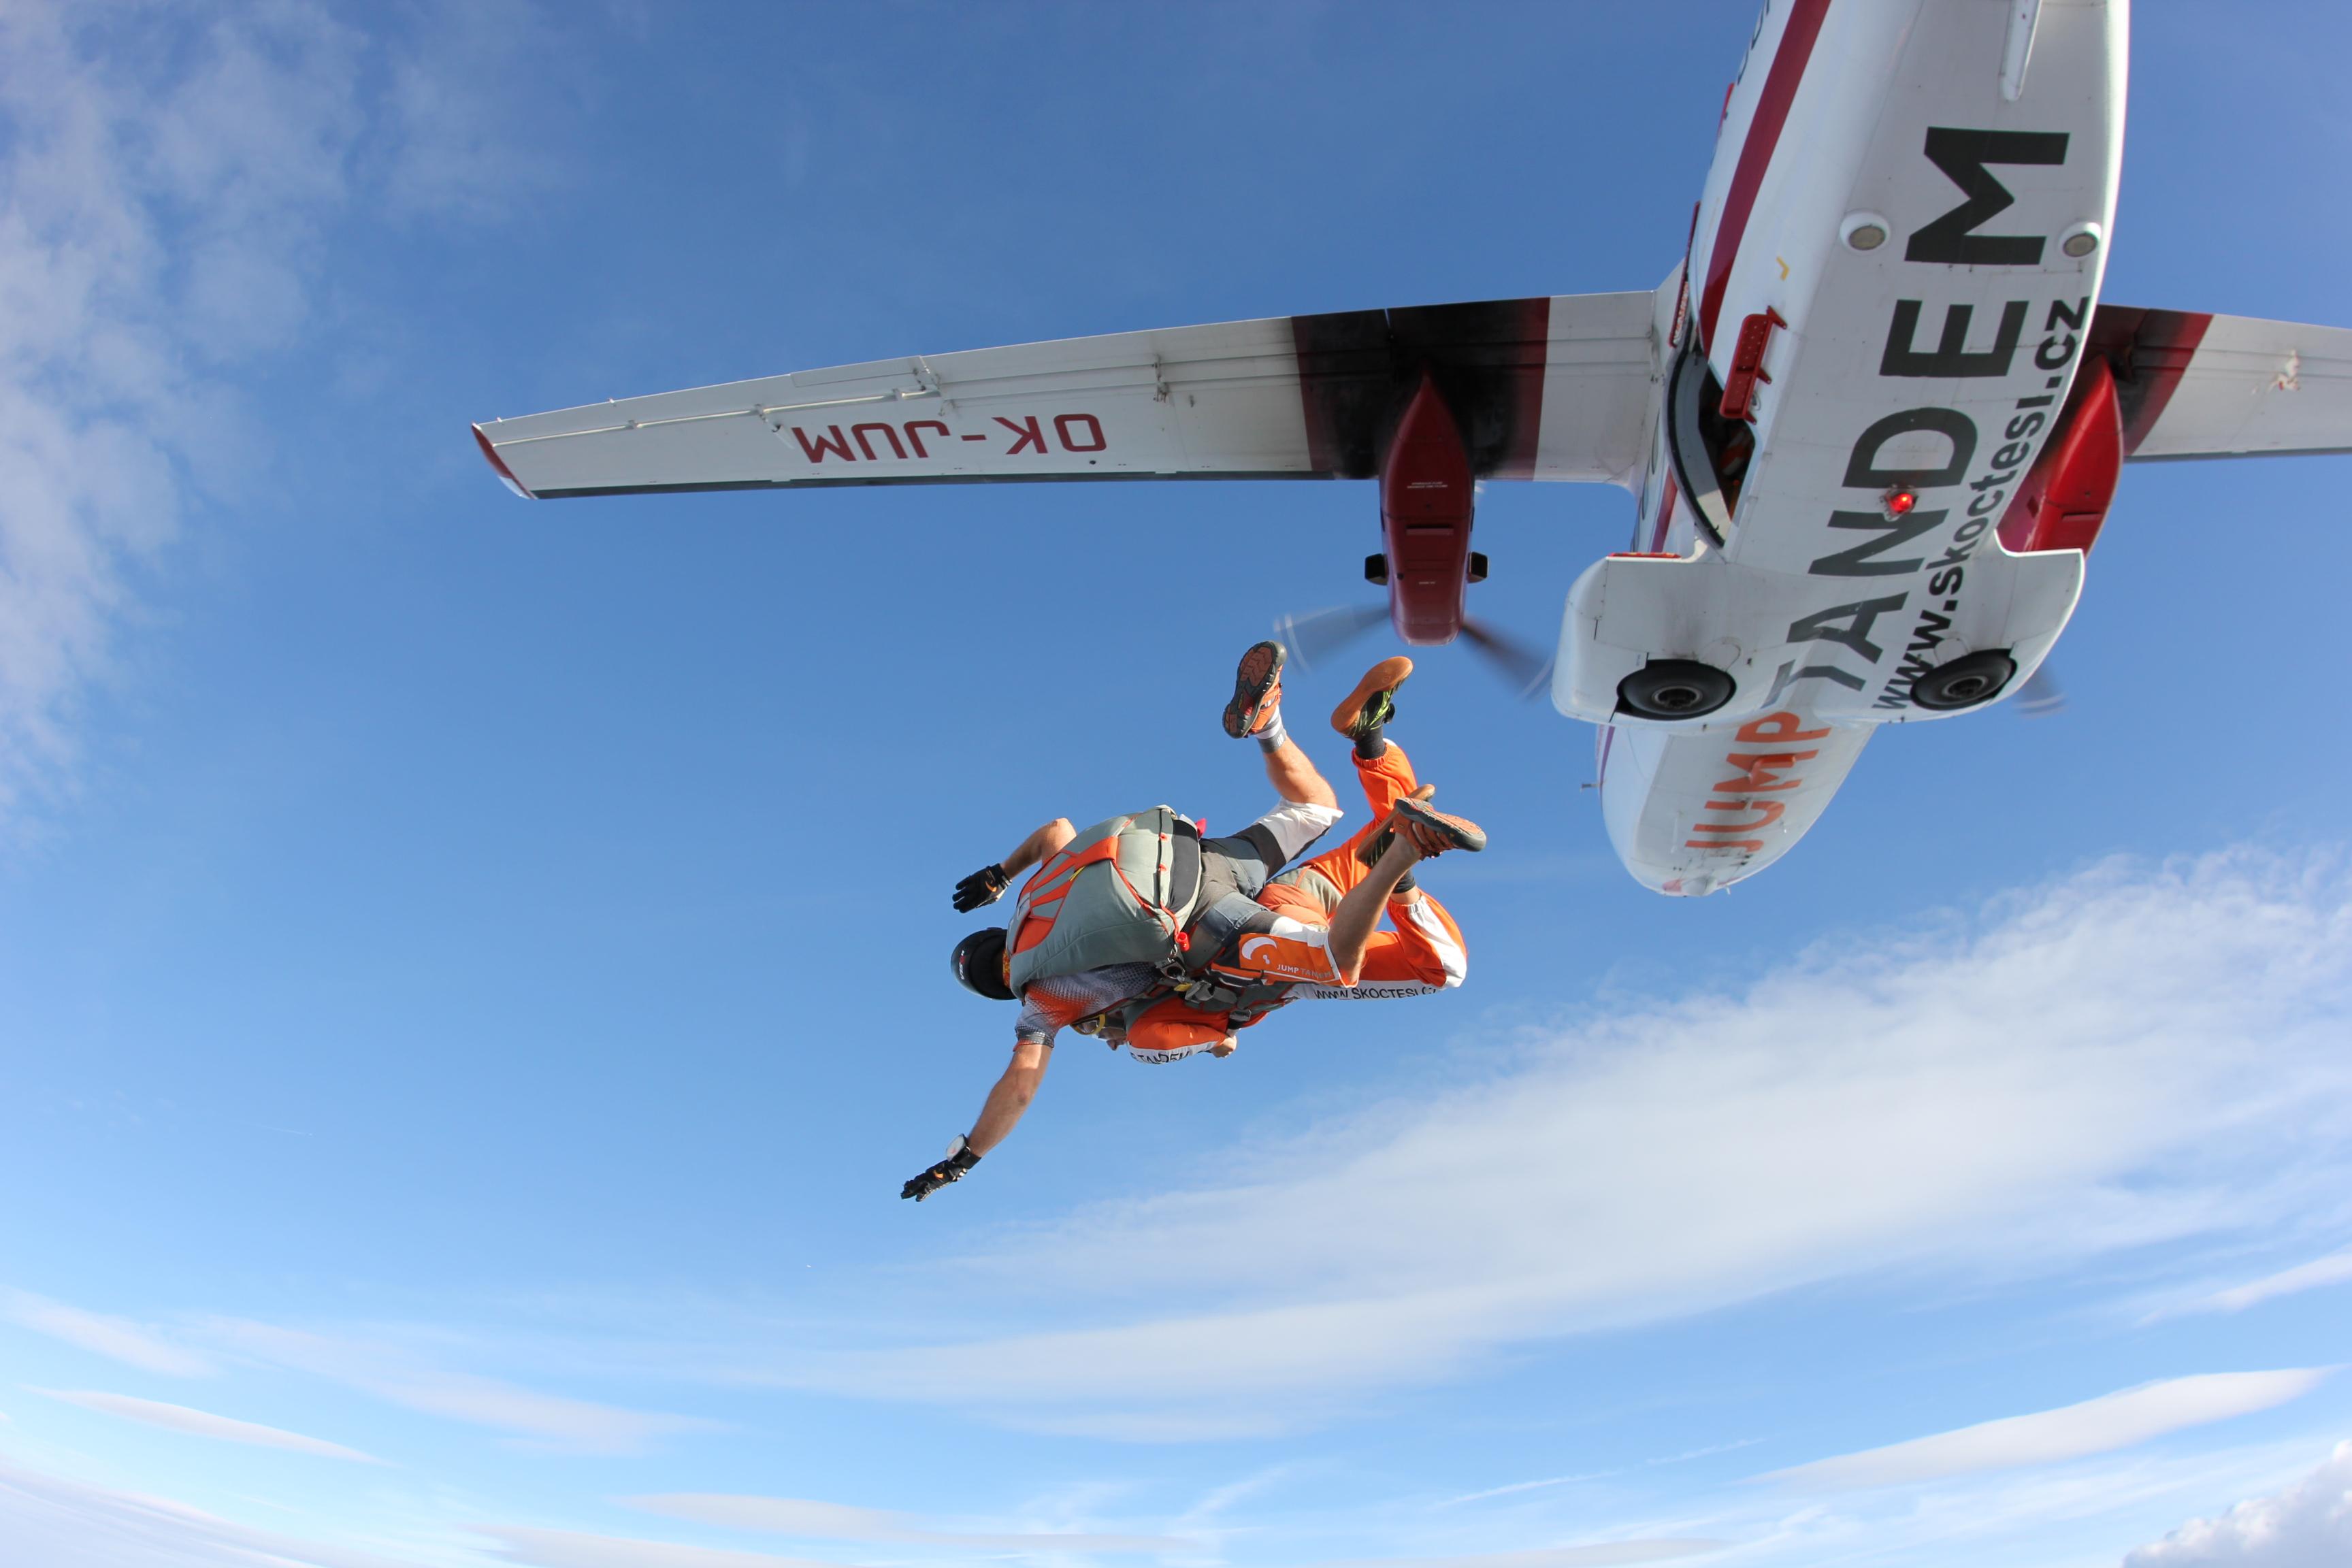 Výskok z letadla